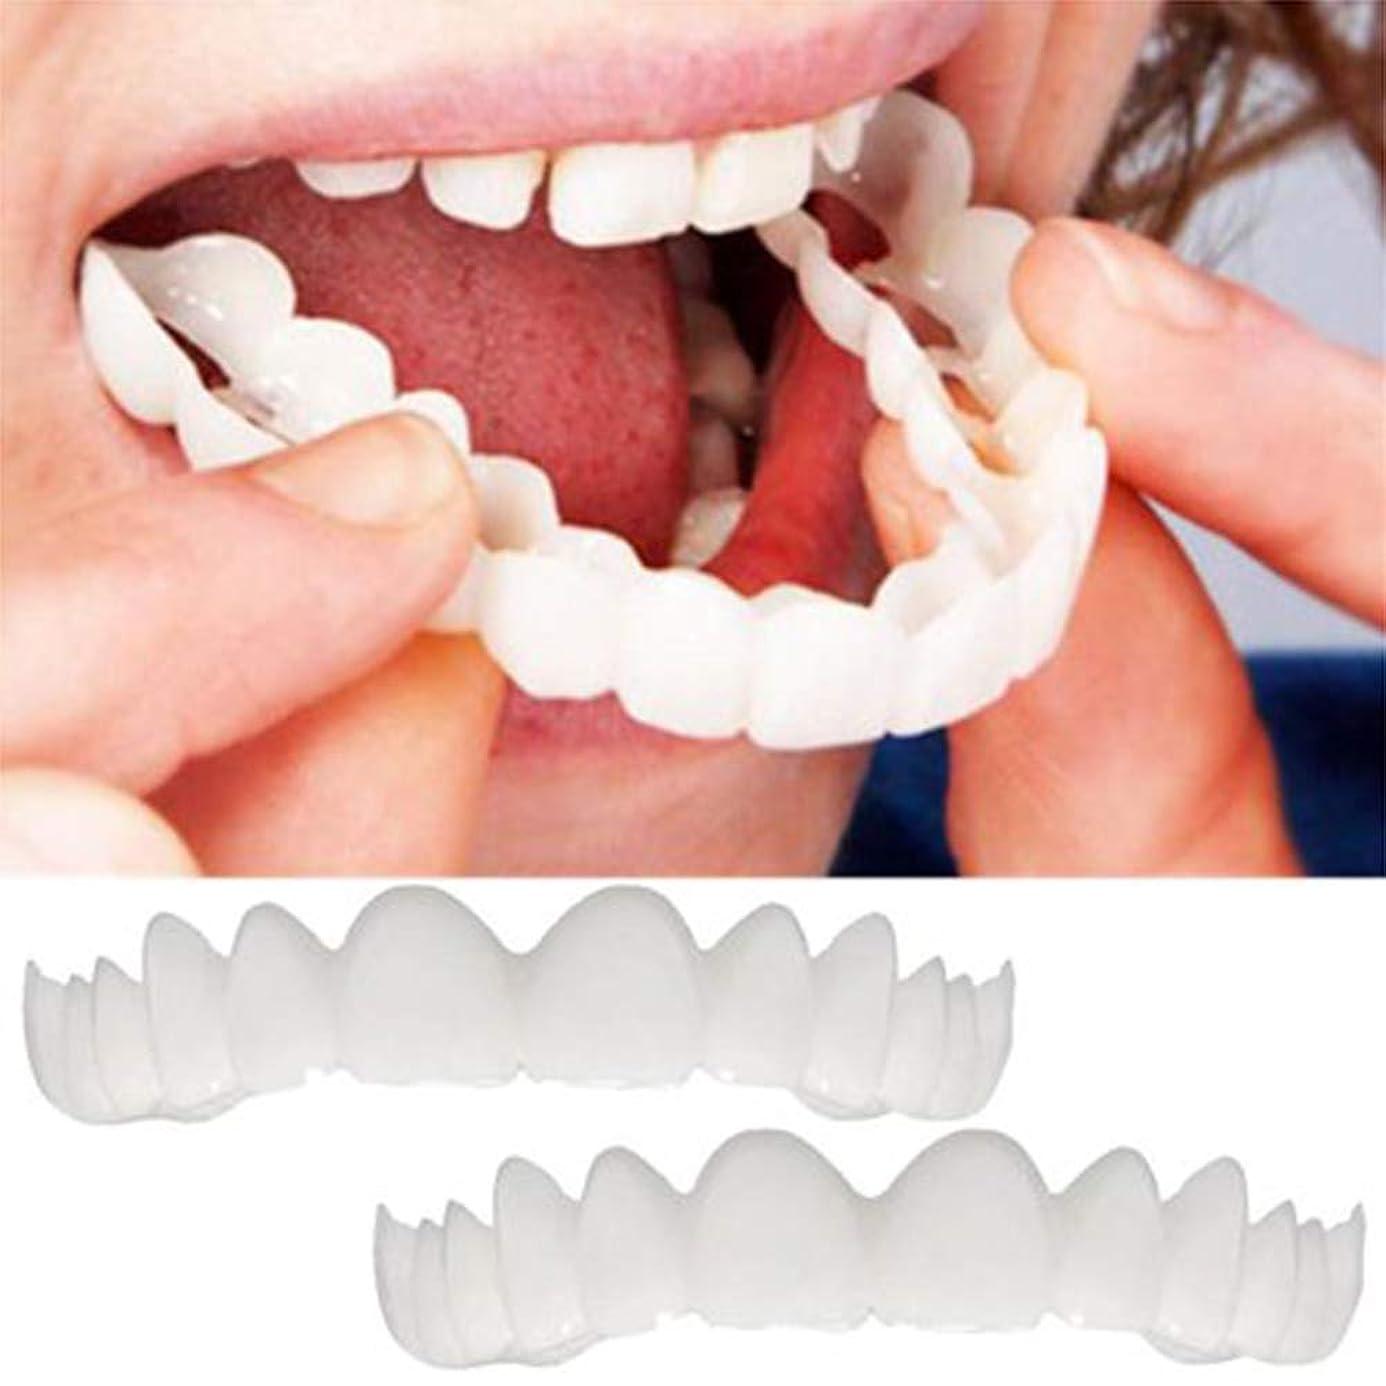 到着経過幸運な化粧品の歯、白い歯をきれいにするための快適なフィットフレックス歯のソケット、超快適、快適なフィット感、2セット